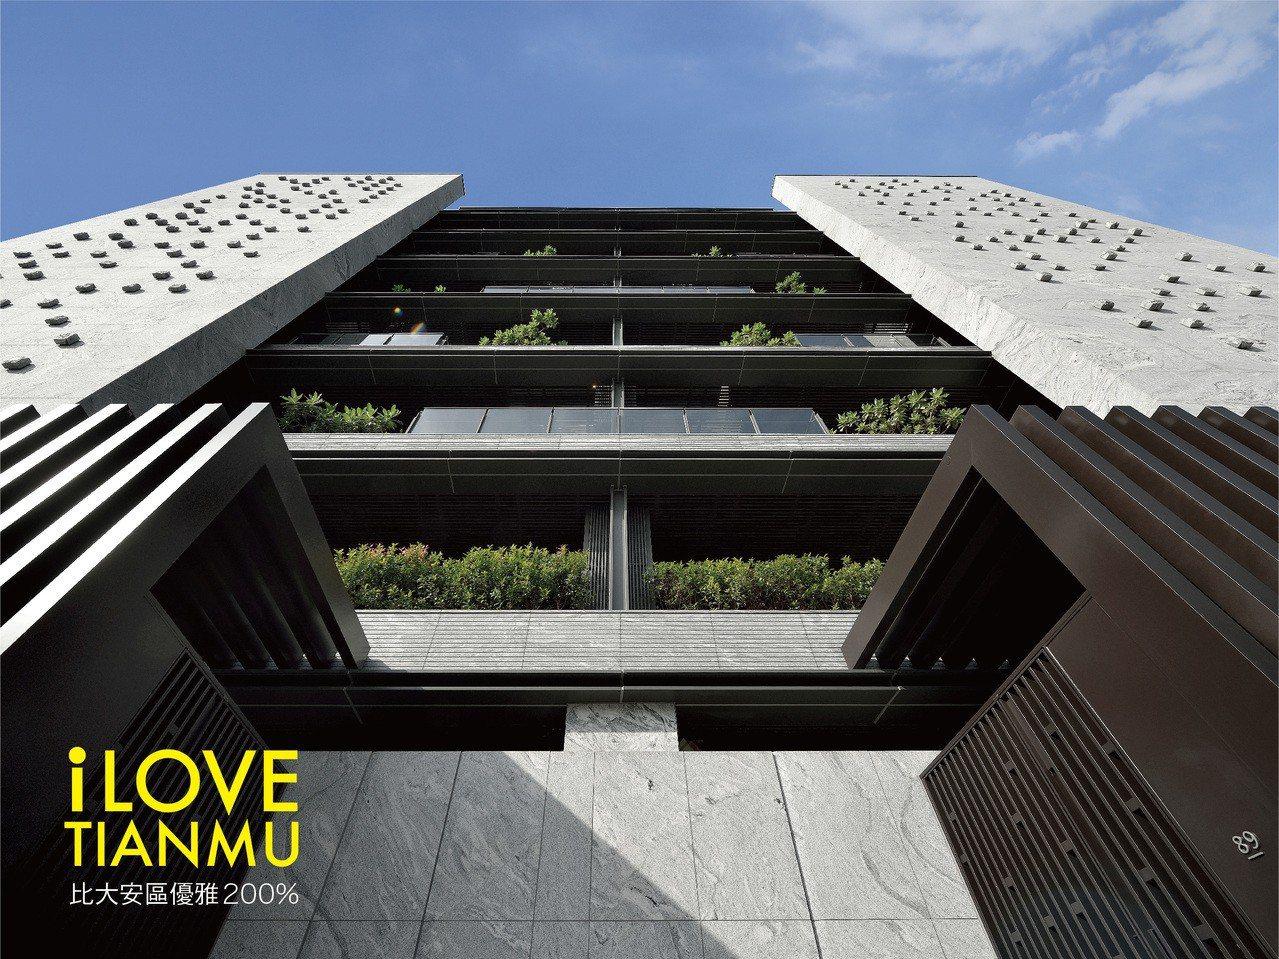 建築師李文勝讓谷画青既是建築設計,也是立體山水皴畫。